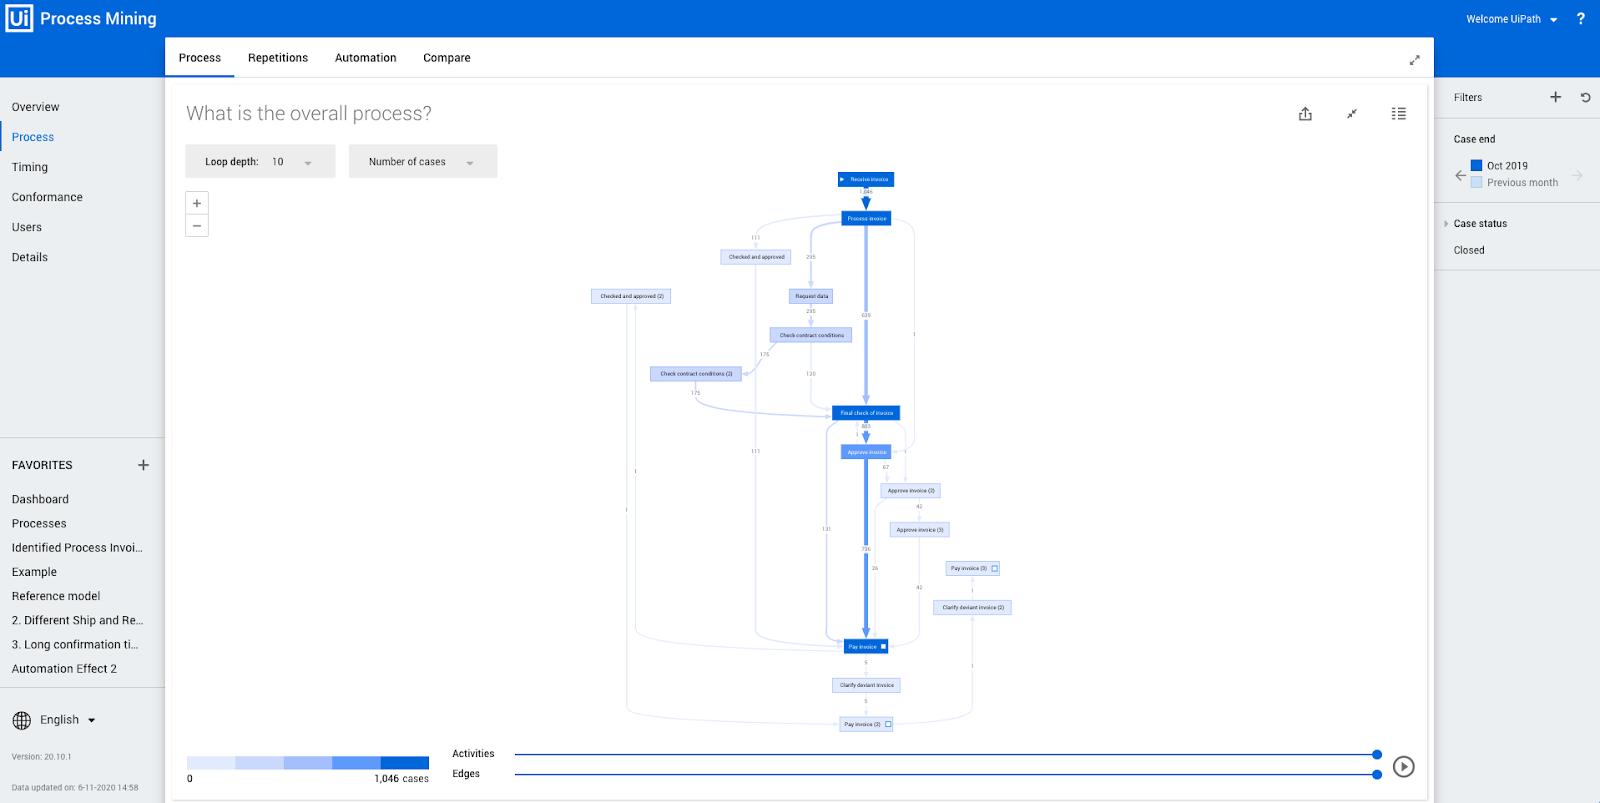 Как это выглядит цепочка действий в интерфейсе Process Mining